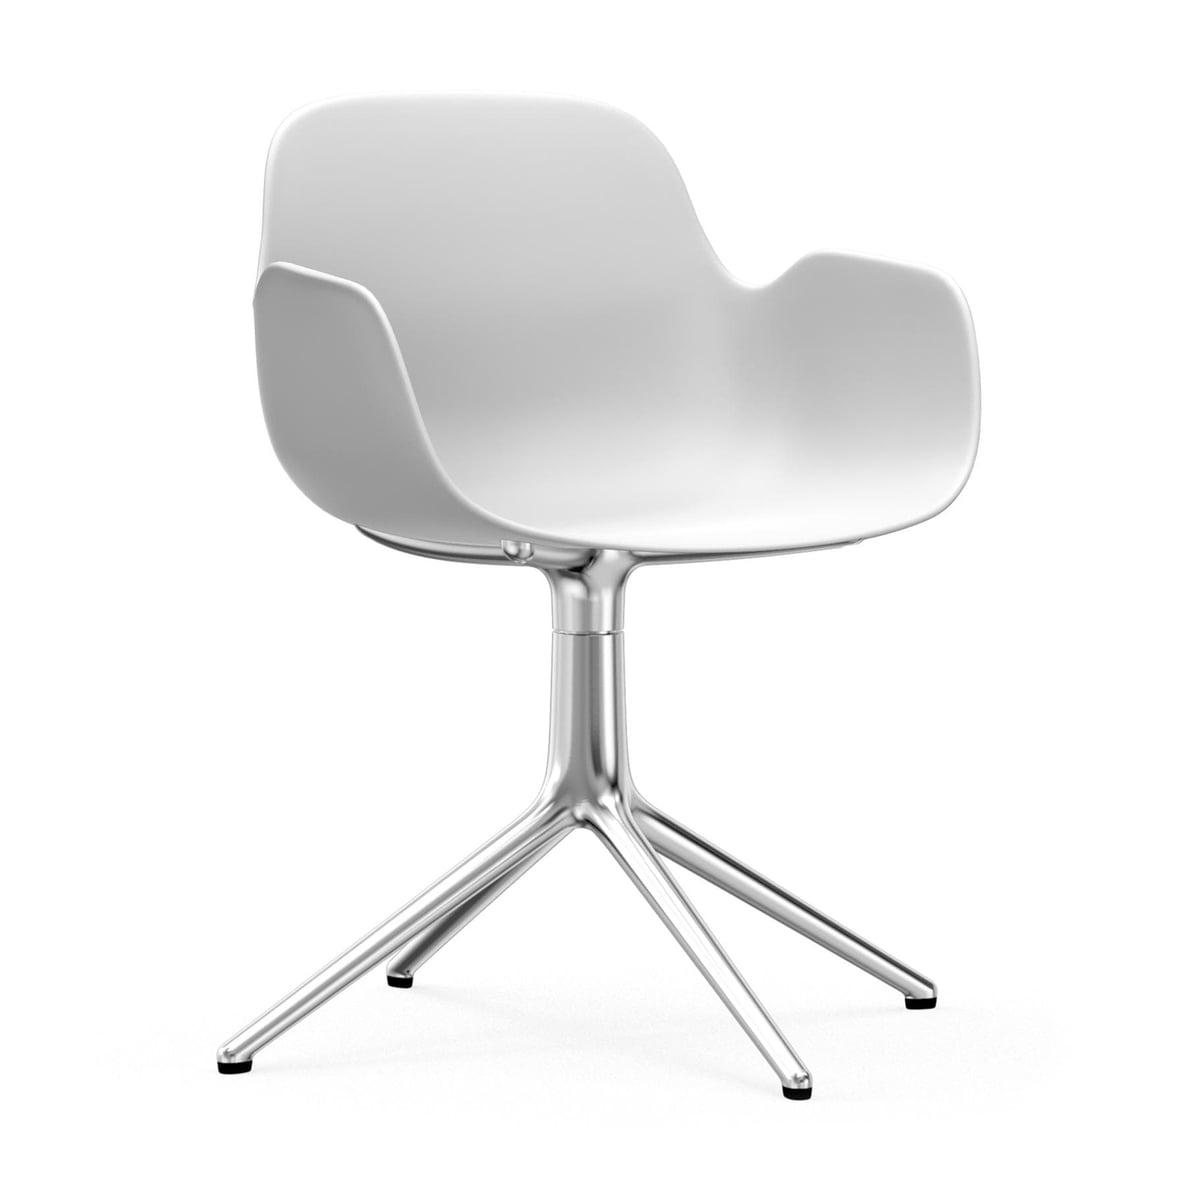 Normann Copenhagen - Form Drehsessel, Aluminium / weiß